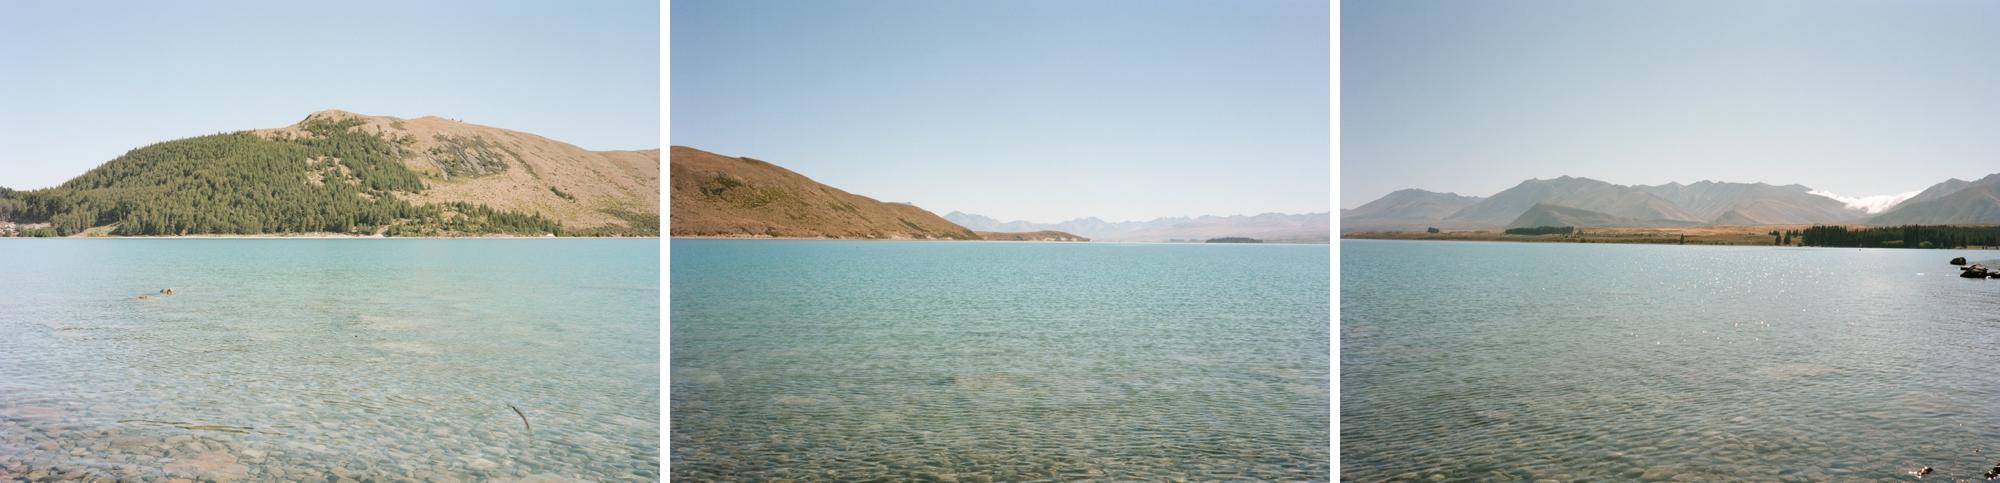 2 - lake tekapo_0022